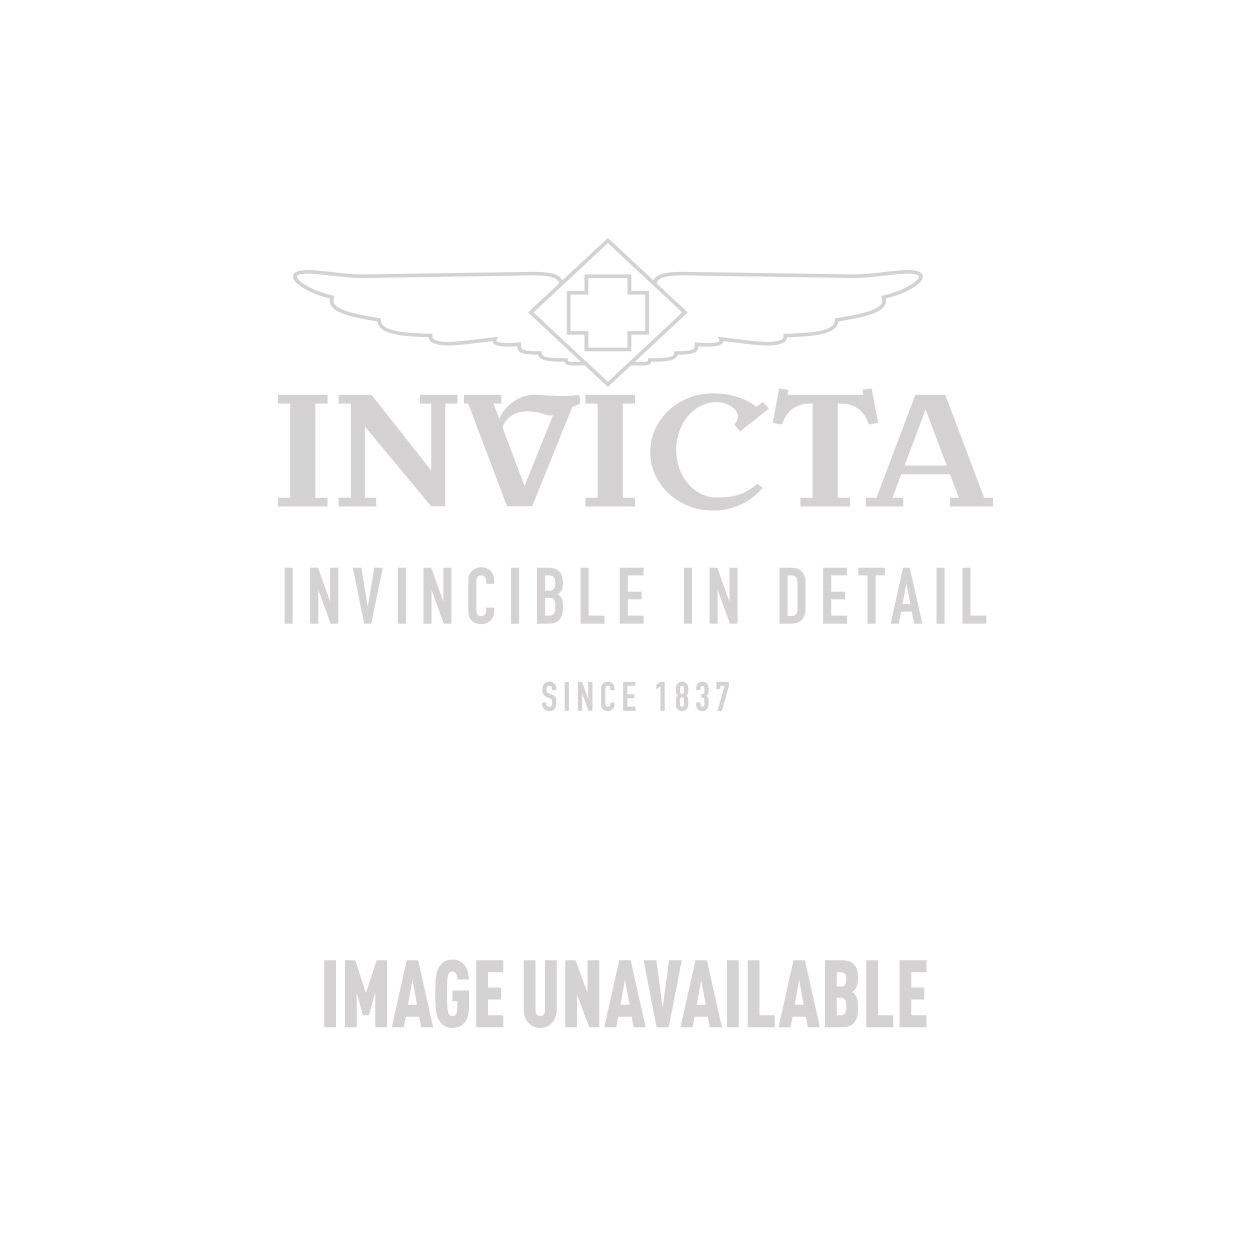 Invicta Model 25101